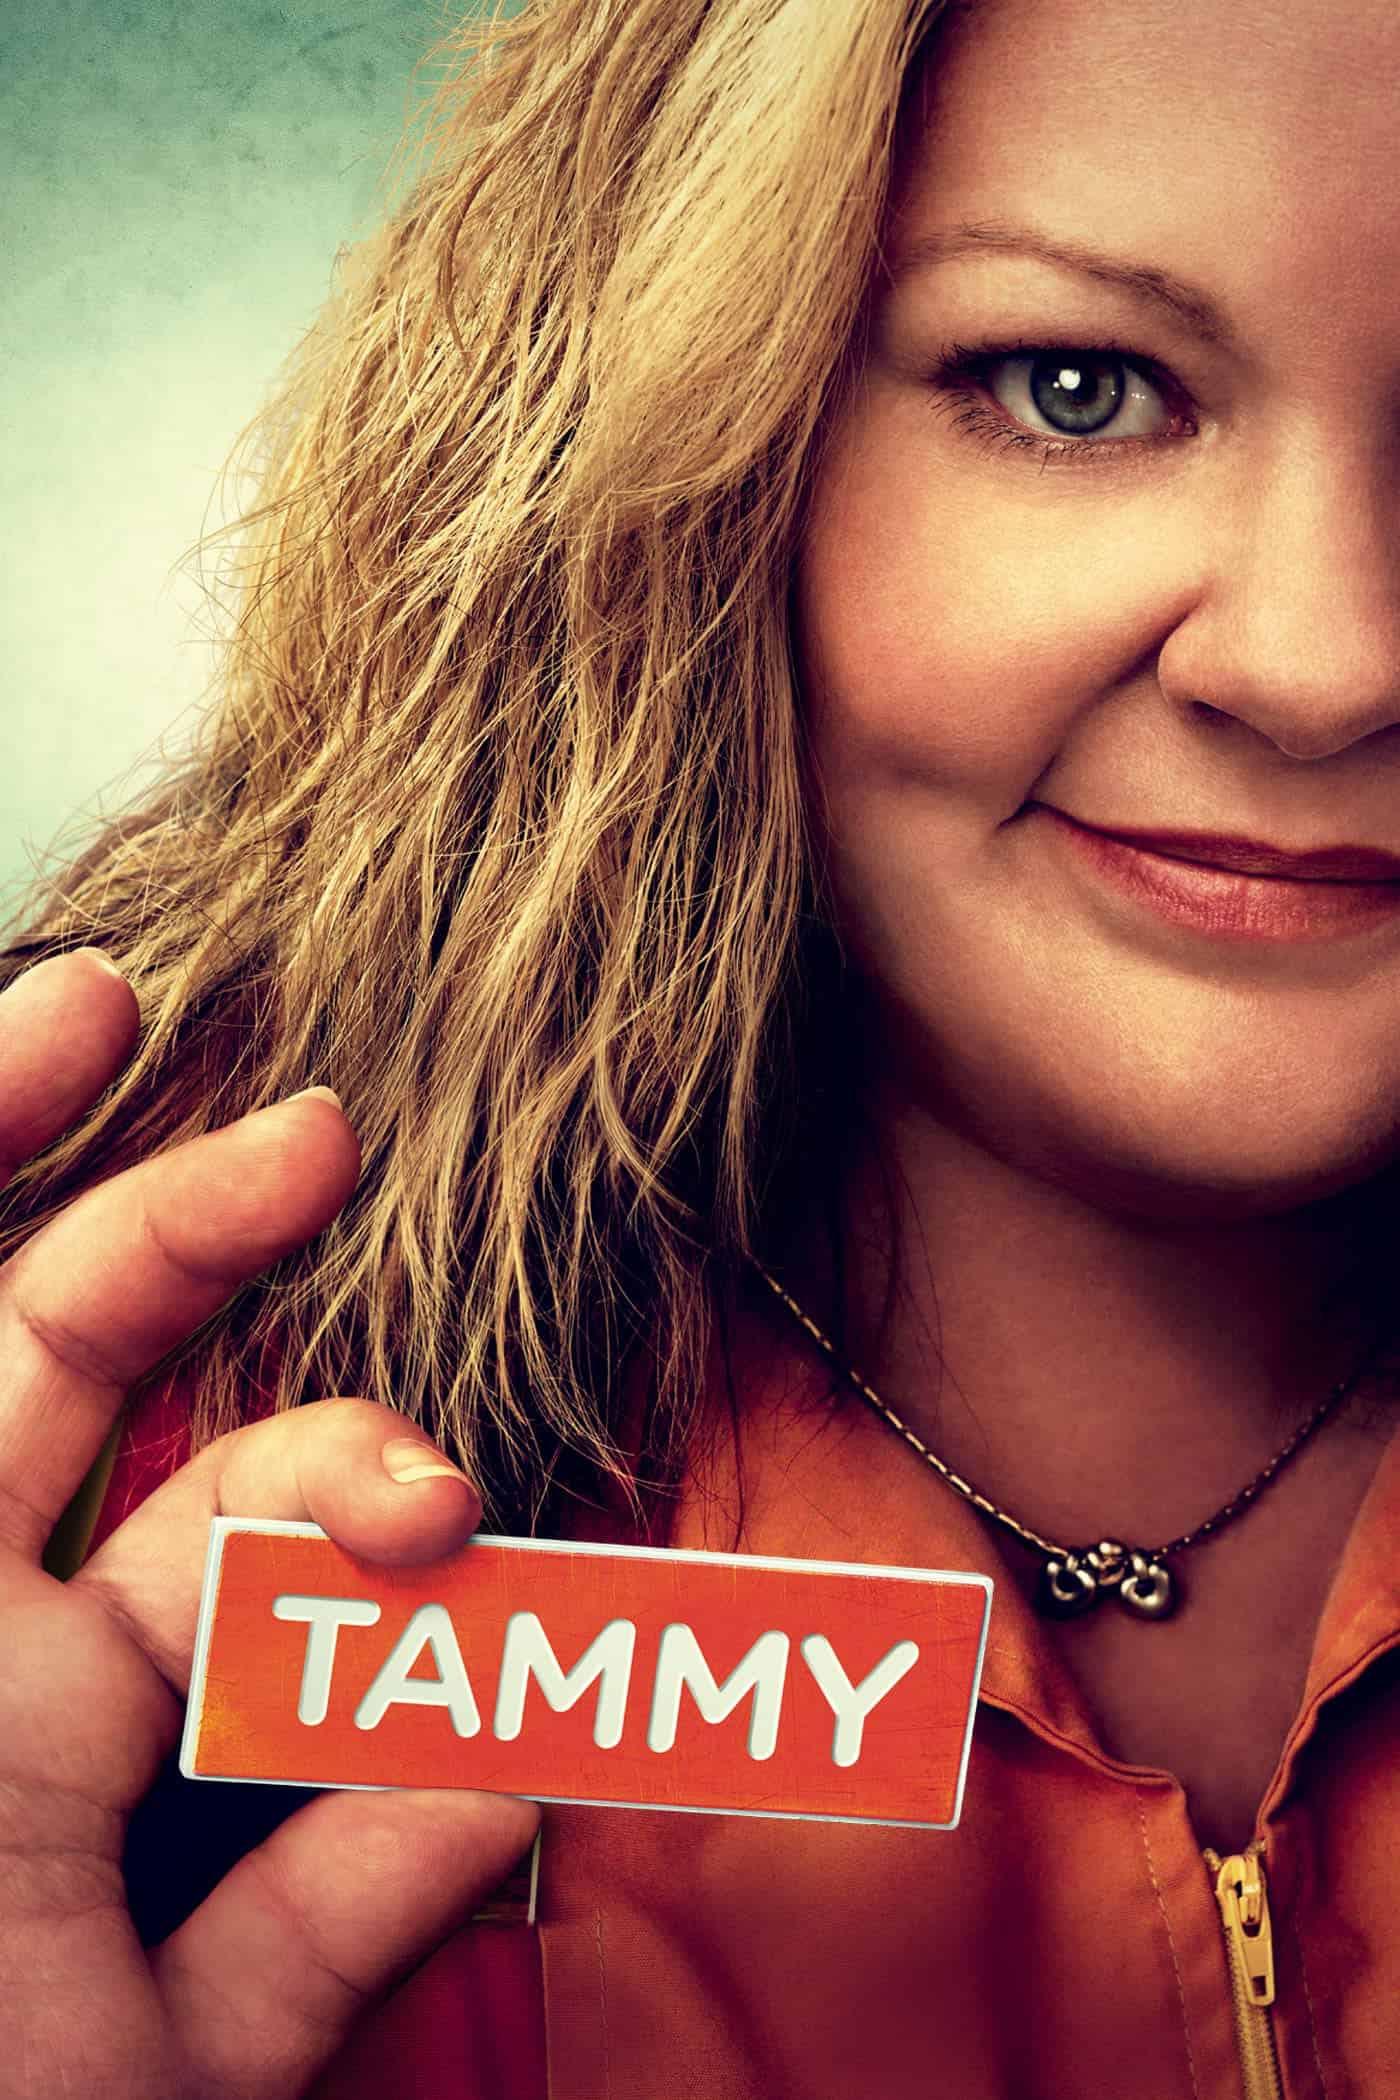 Tammy, 2014